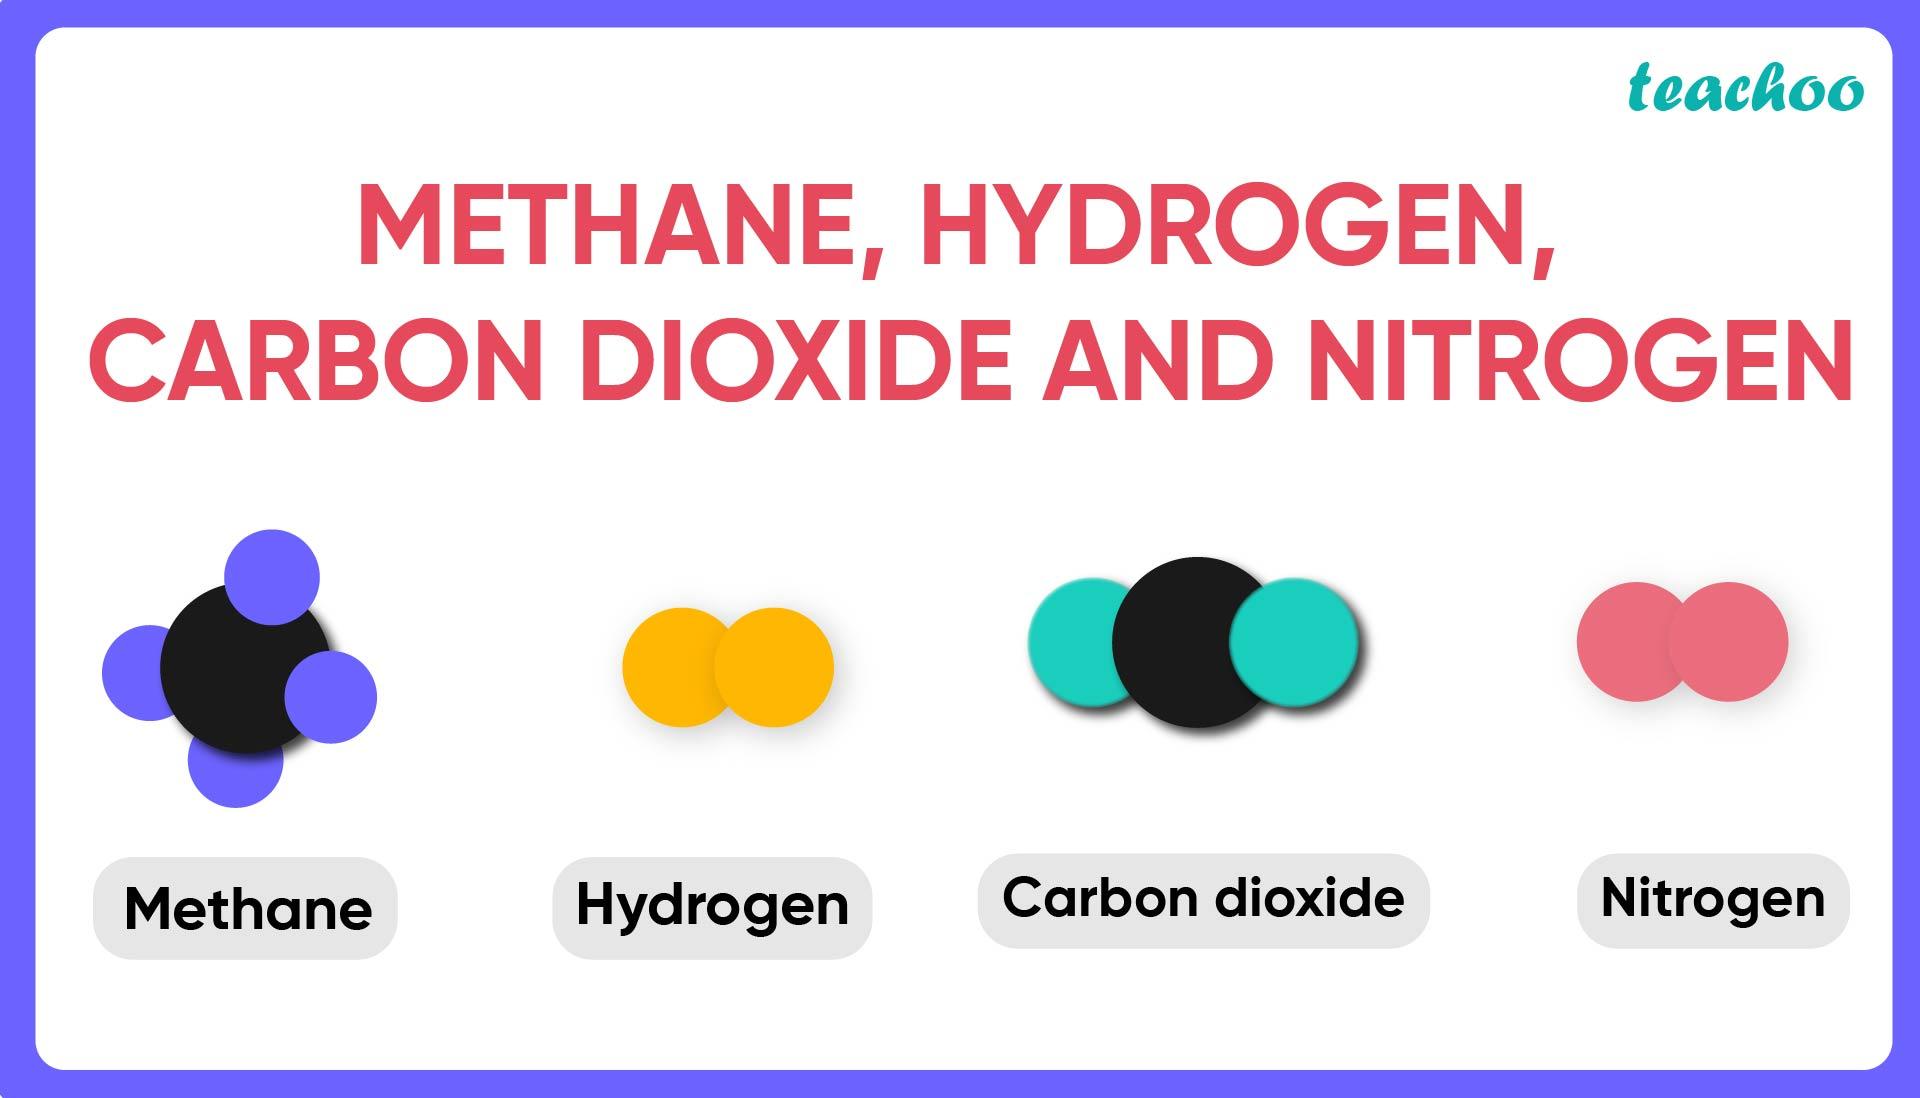 Methane, Hydrogen, Carbon dioxide and Nitrogen-Teachoo.jpg